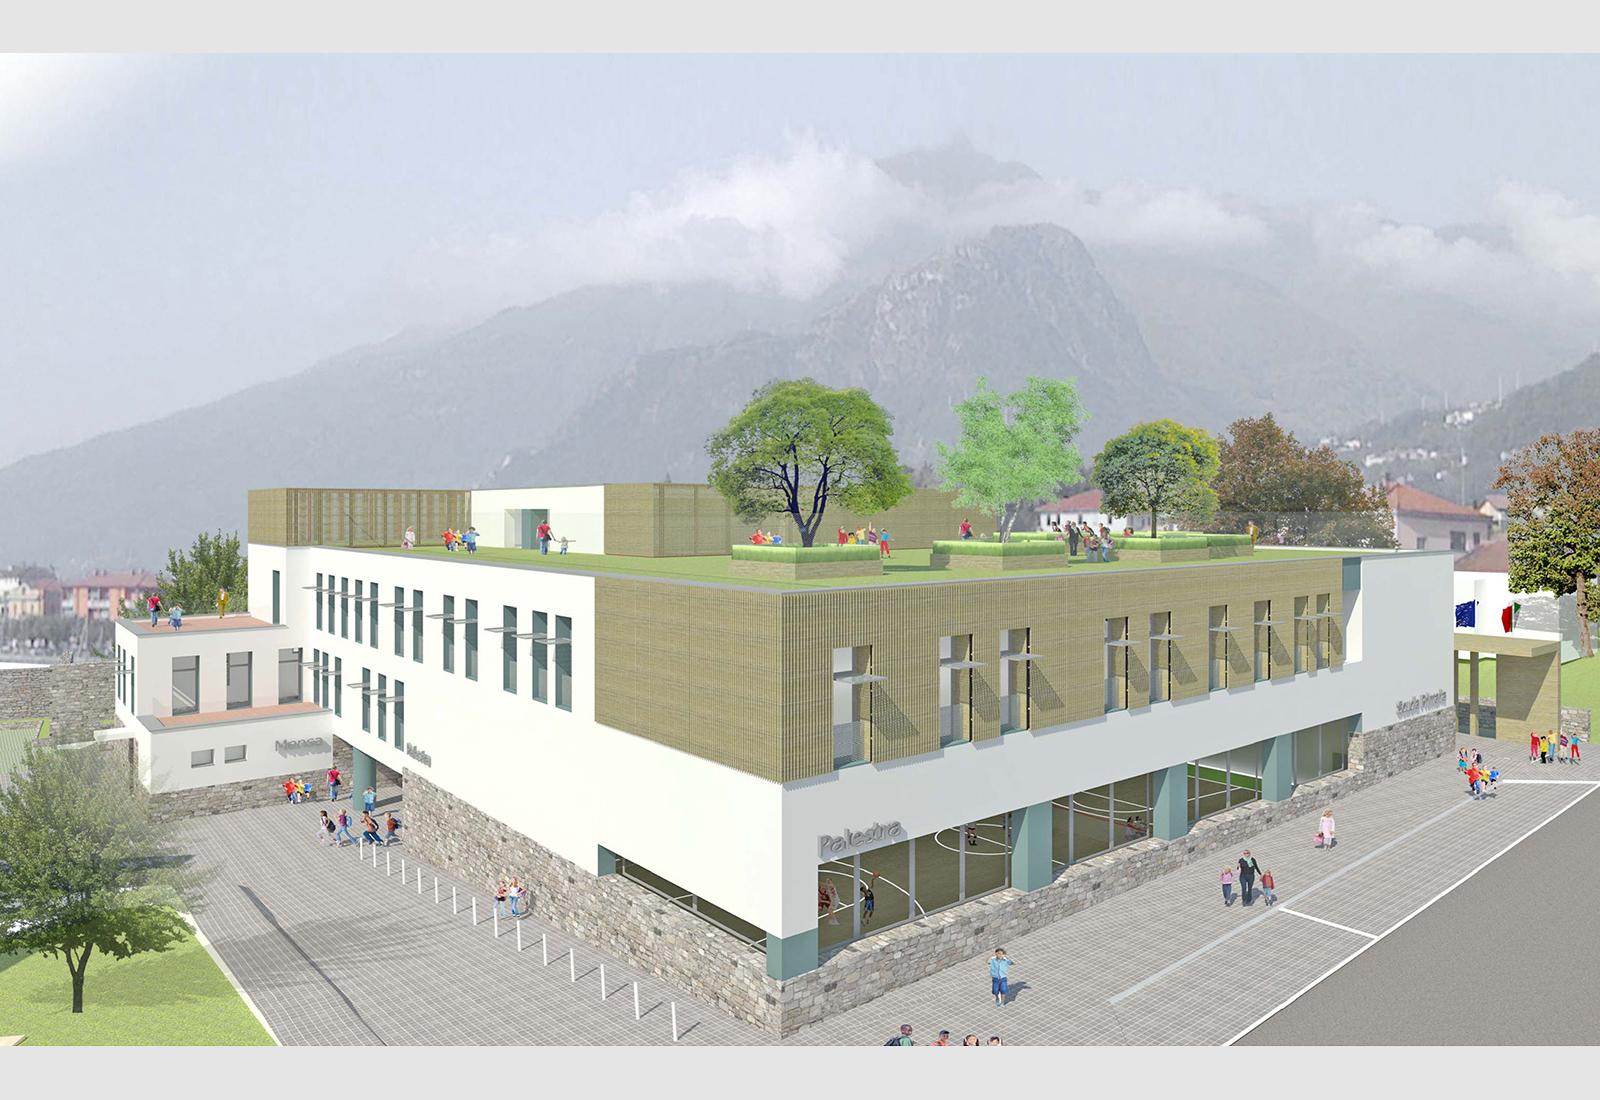 Scuola elementare a Gravedona - Vista aerea da Sud-Est